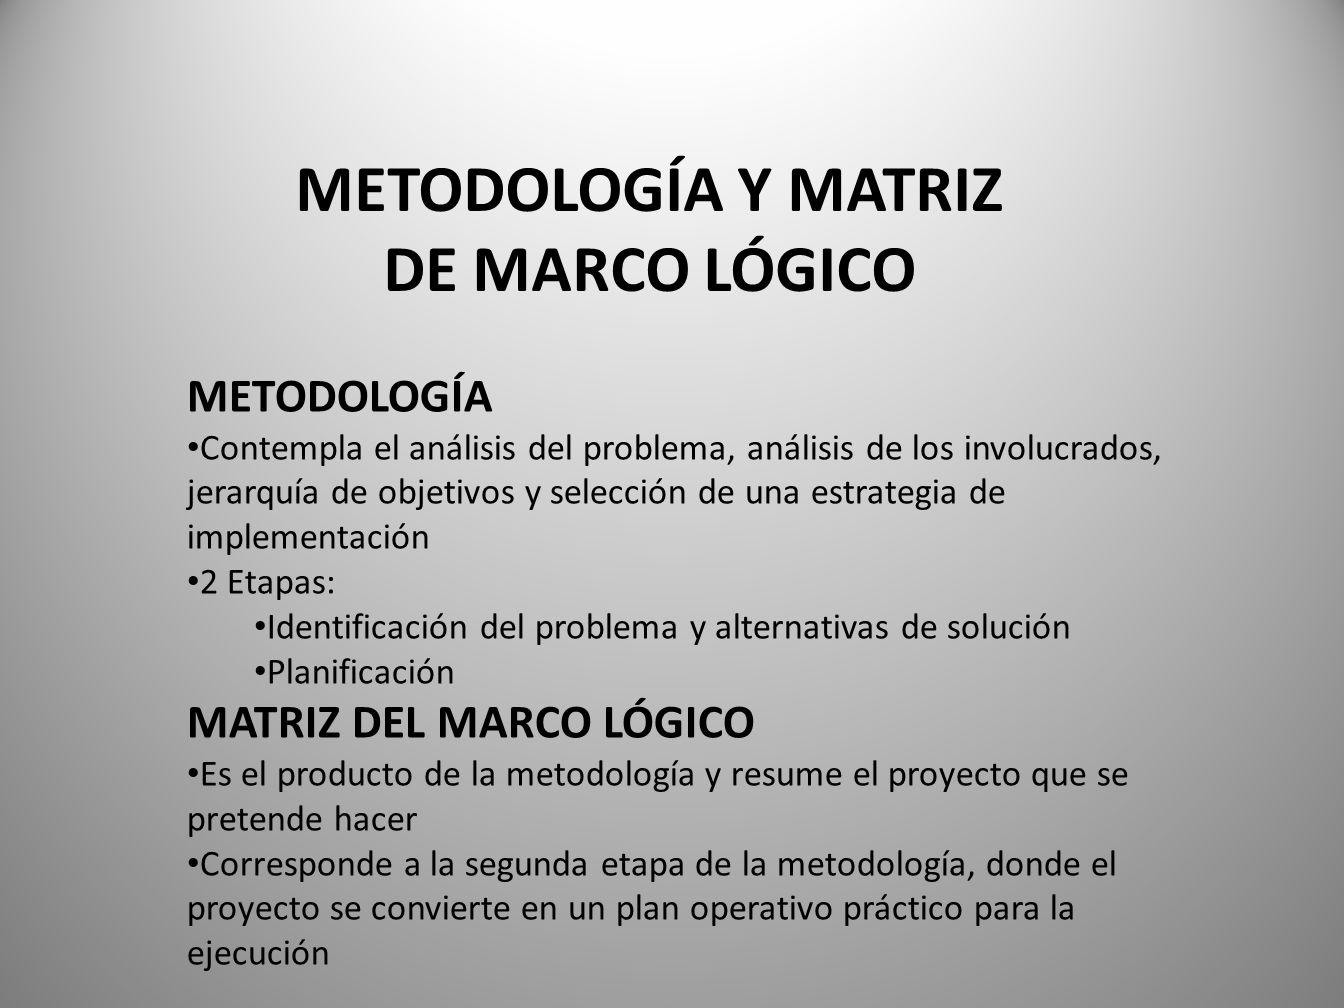 METODOLOGÍA Y MATRIZ DE MARCO LÓGICO